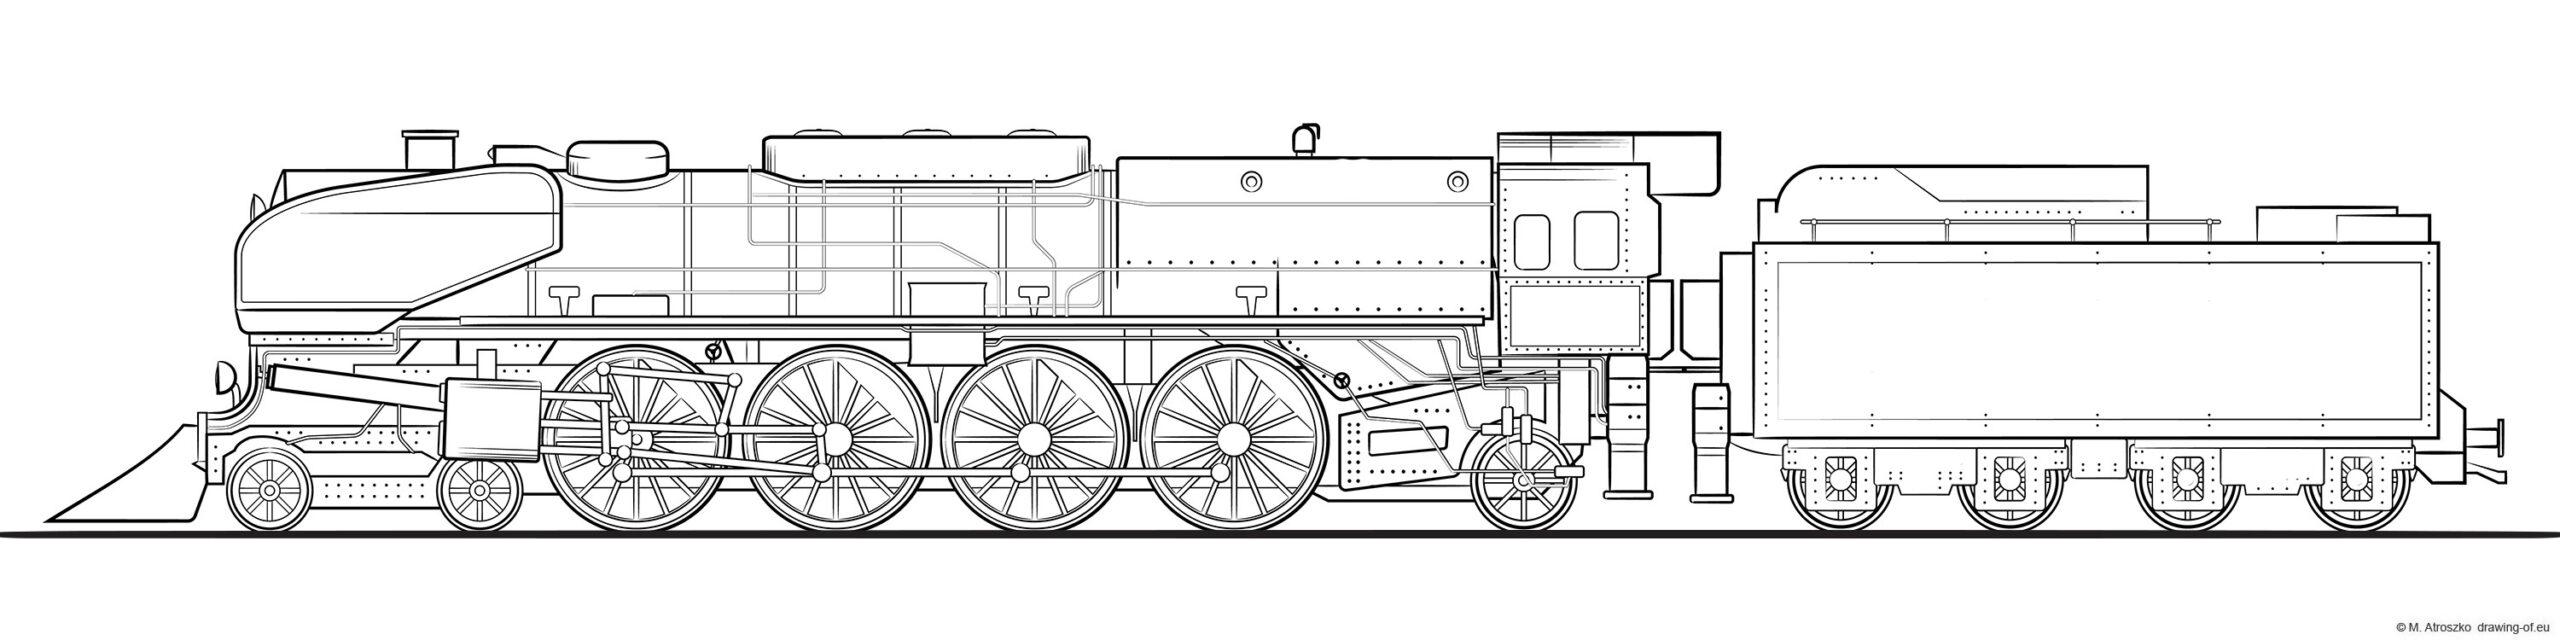 SNCF Class 241P